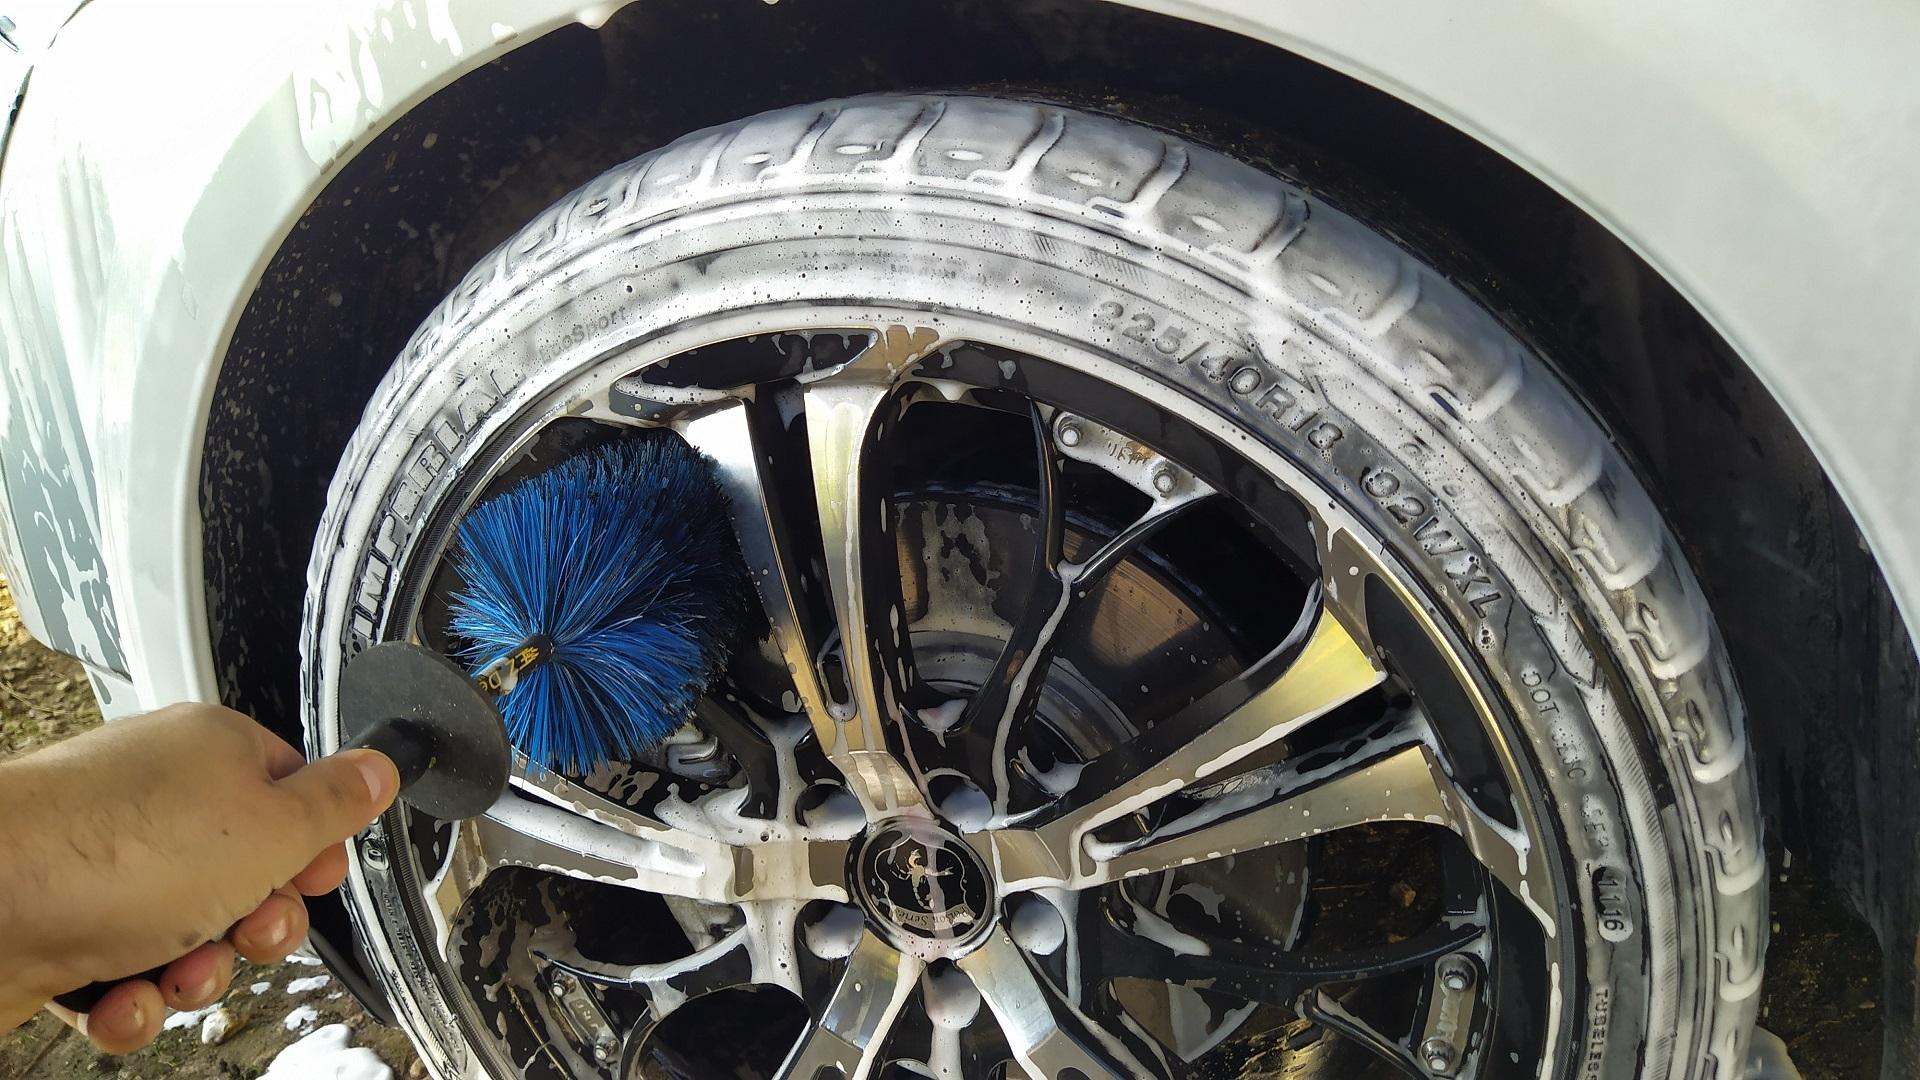 Présentation et premier vrai nettoyage du Roadster de Madame Img_20201004_105206-57c25b2